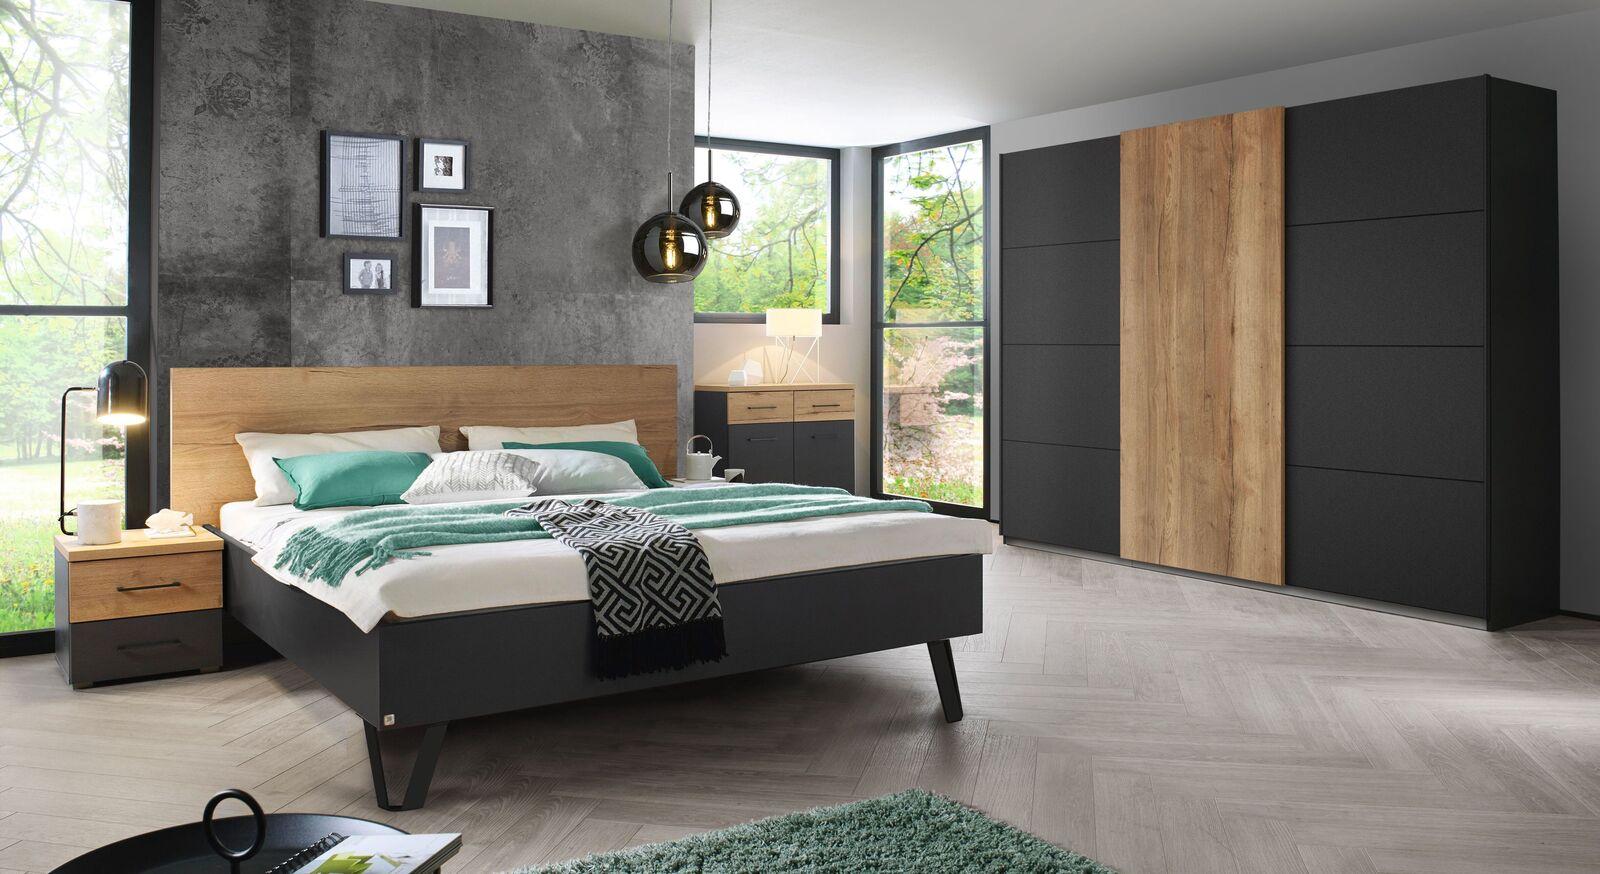 Preiswertes Schlafzimmer Azra mit modernen Möbeln